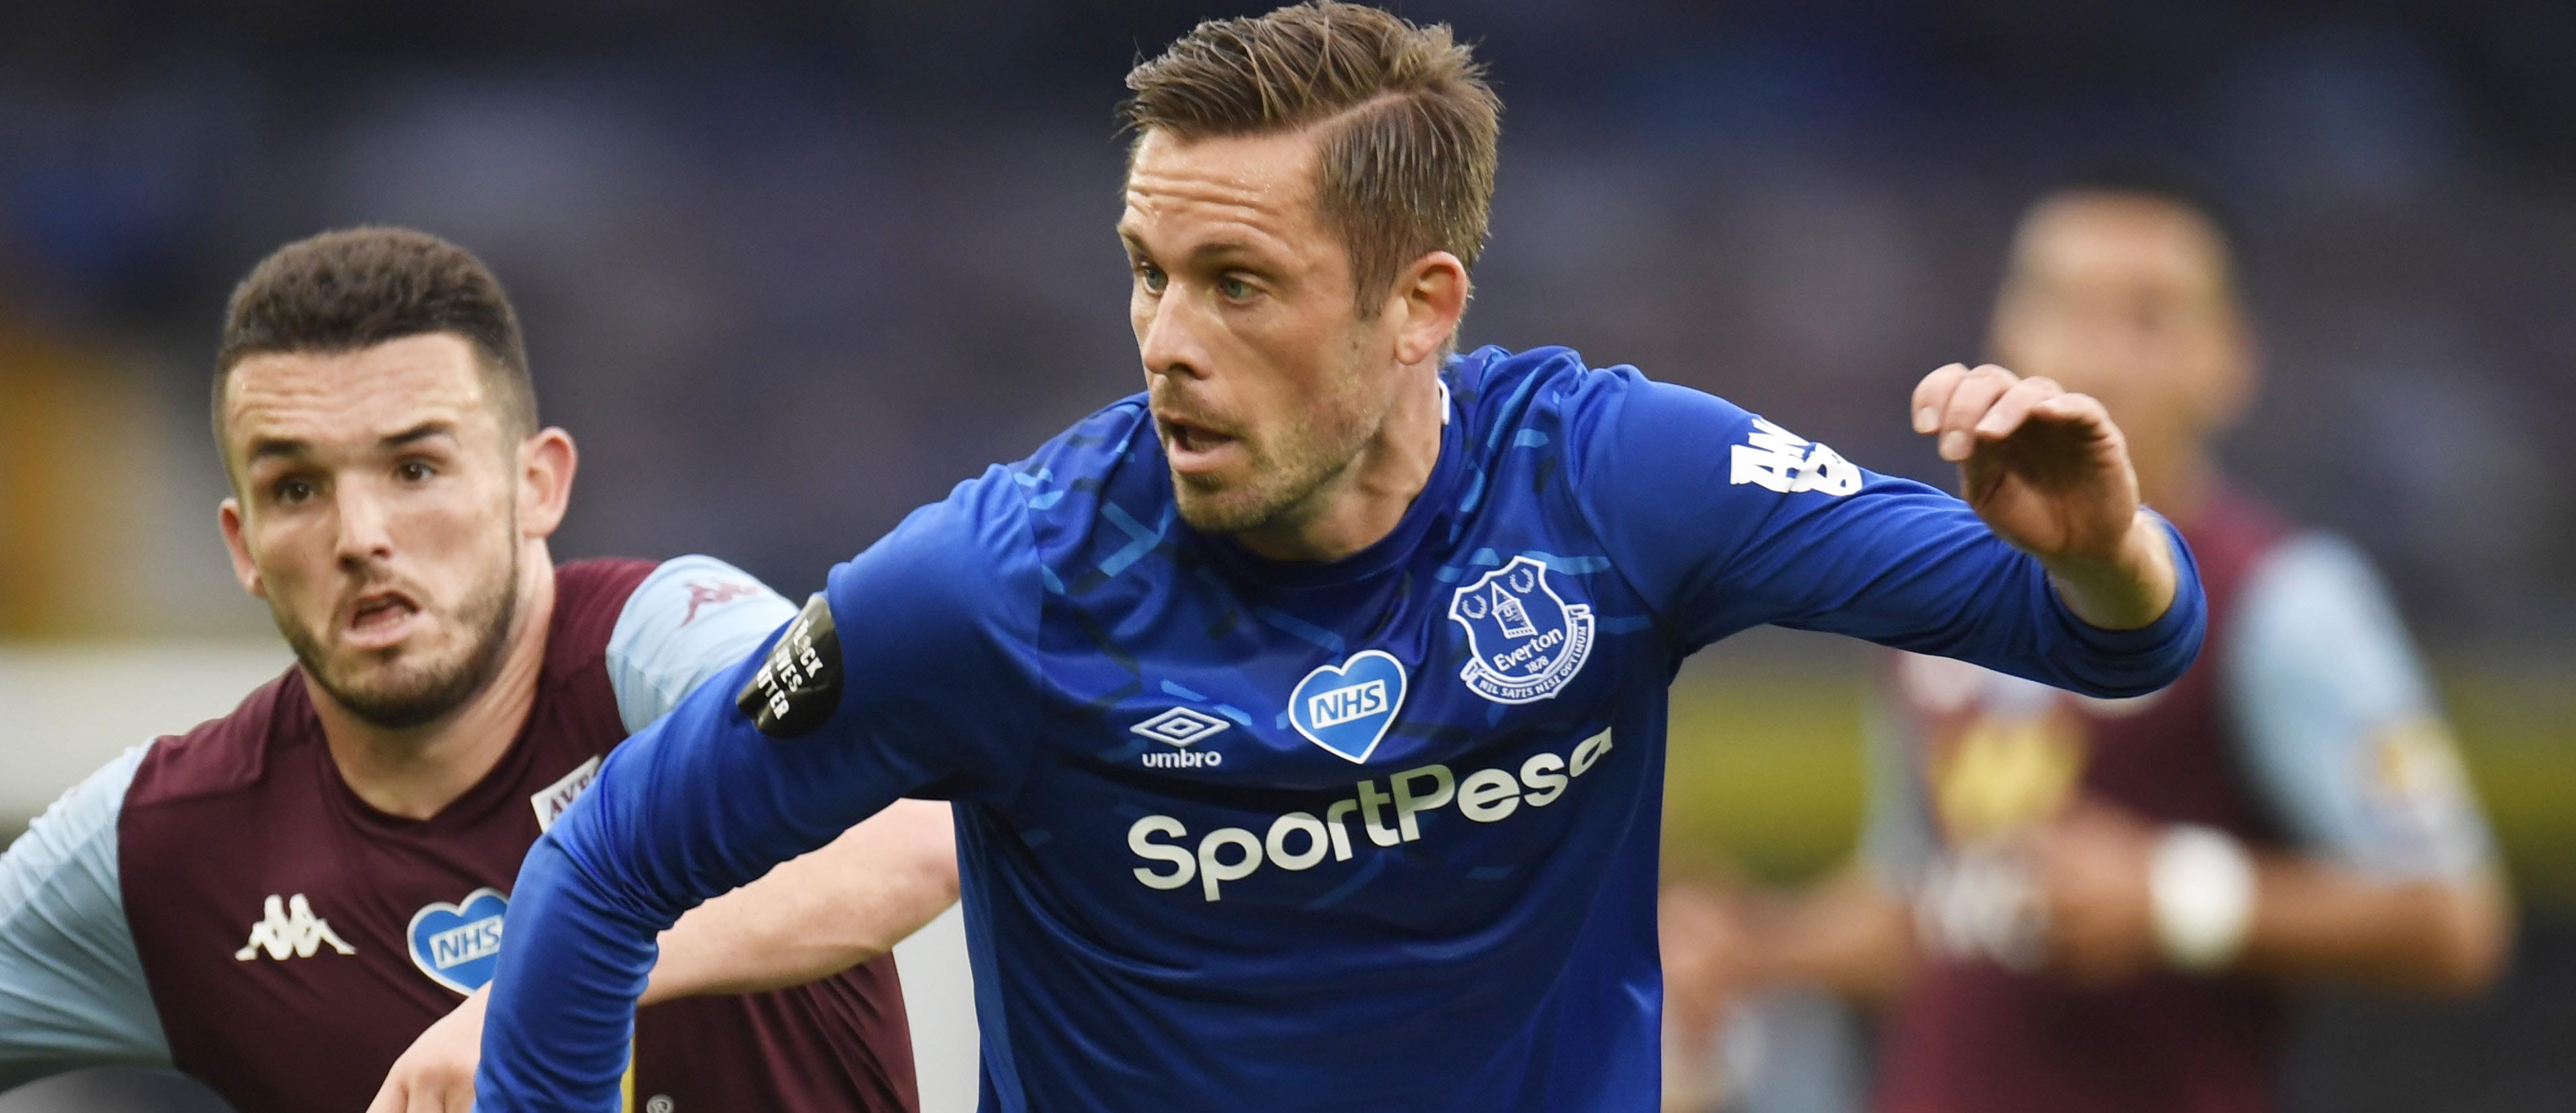 34+ Wahrheiten in Gylfi Sigurdsson Everton? Everton abuse ...